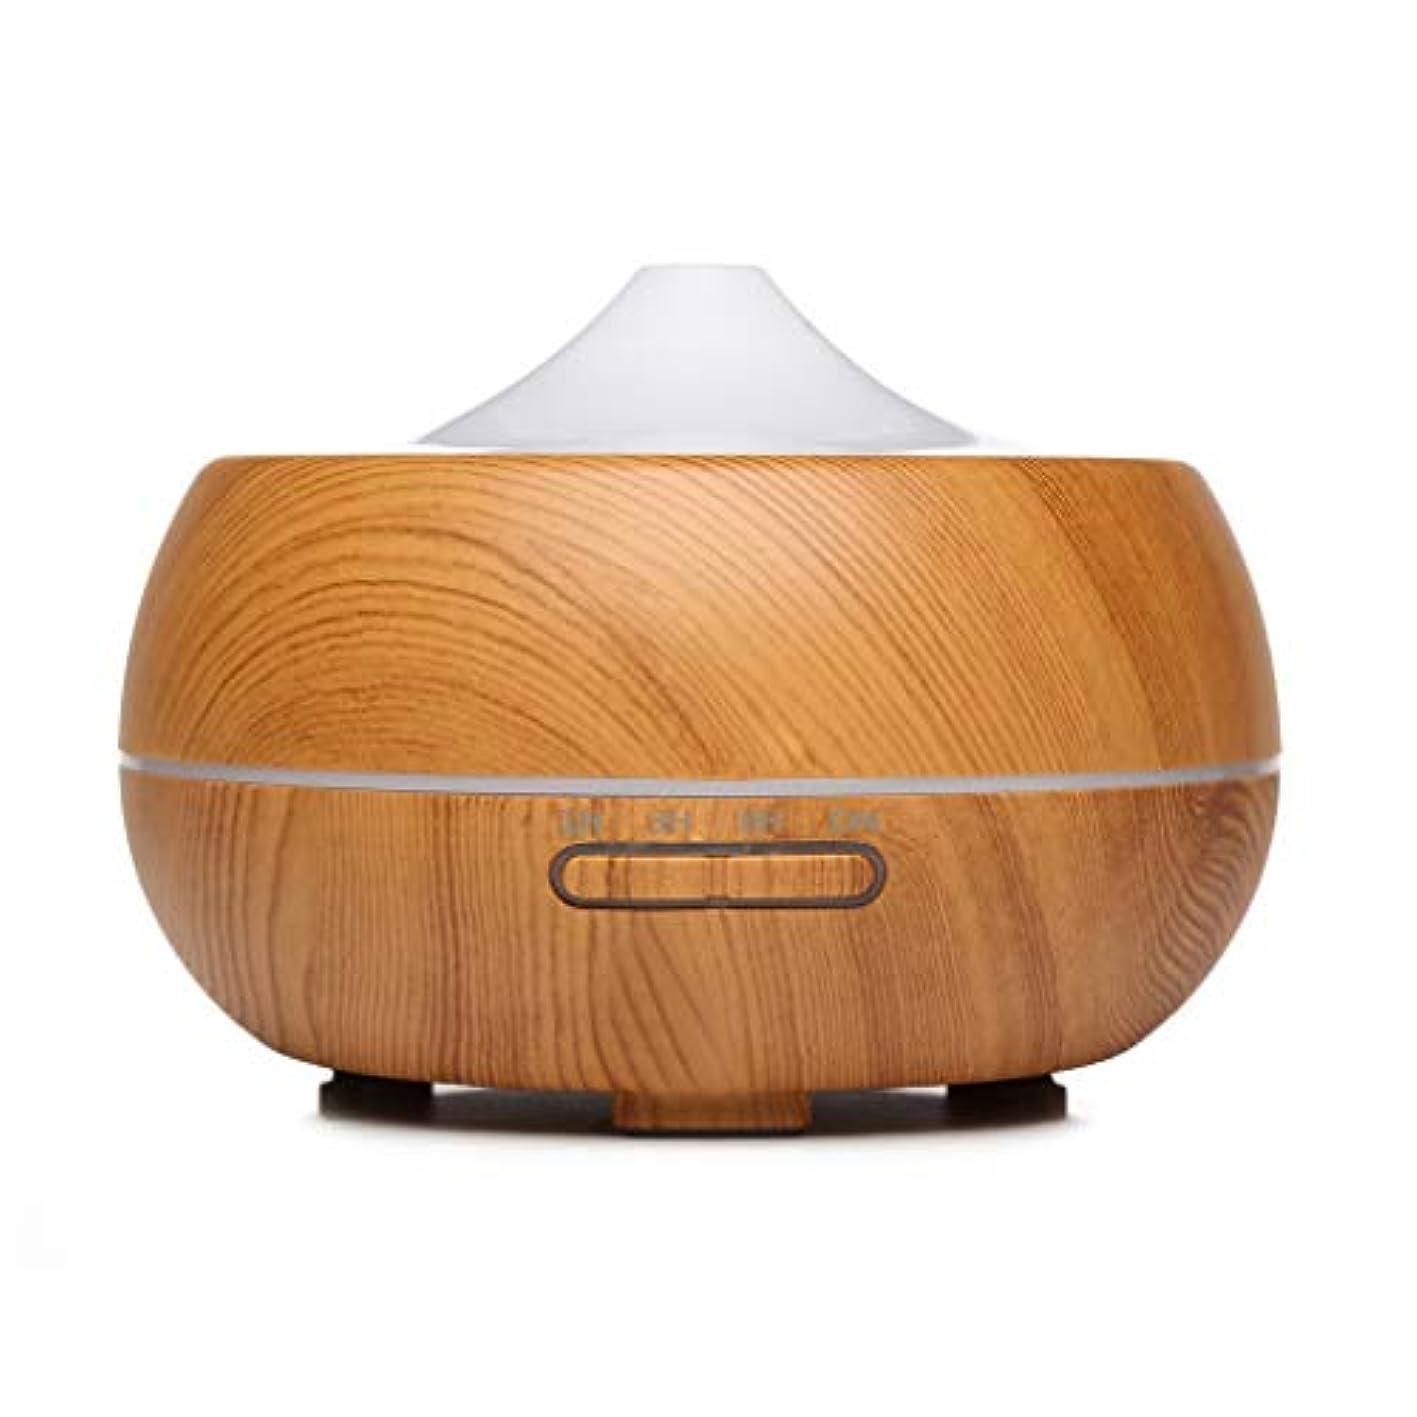 二層そこのど300ミリリットルクールミスト加湿器超音波不可欠ディフューザー用オフィスホームベッドルームリビングルーム研究ヨガスパ、木目 (Color : Light wood grain)